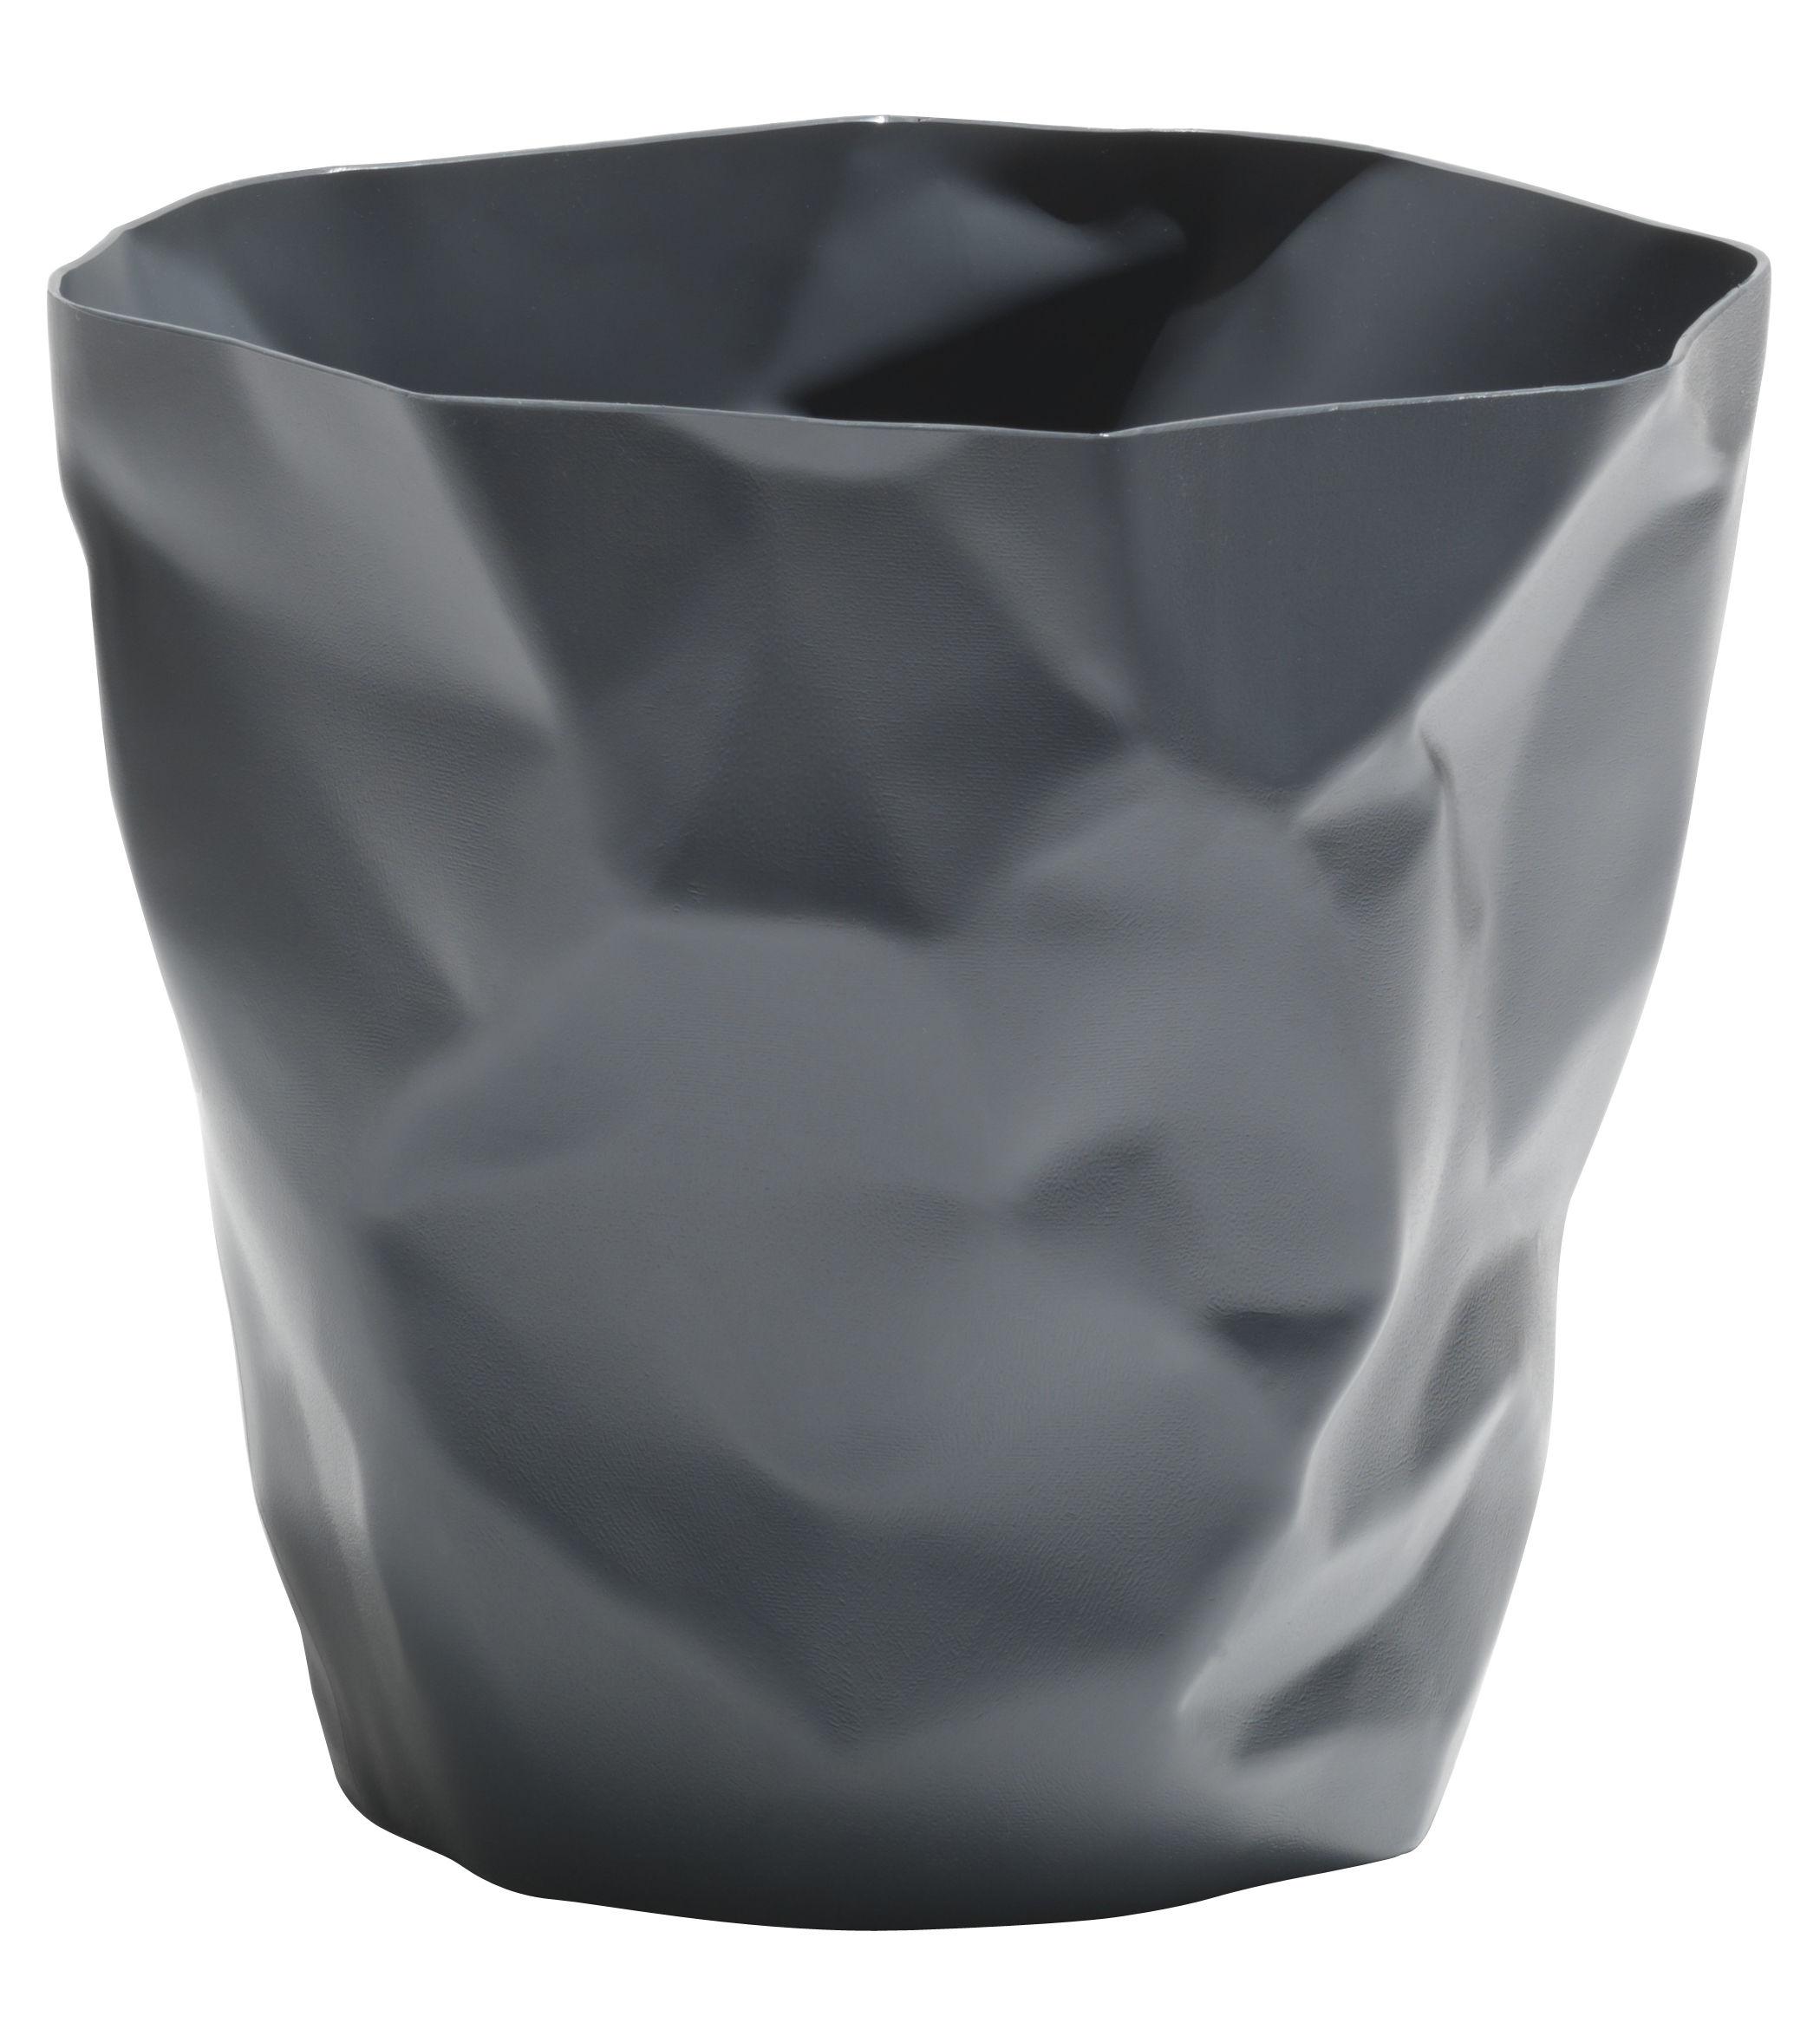 Accessoires - Accessoires bureau - Corbeille Bin Bin / H 31 cm - Essey - Gris graphite - Polyéthylène